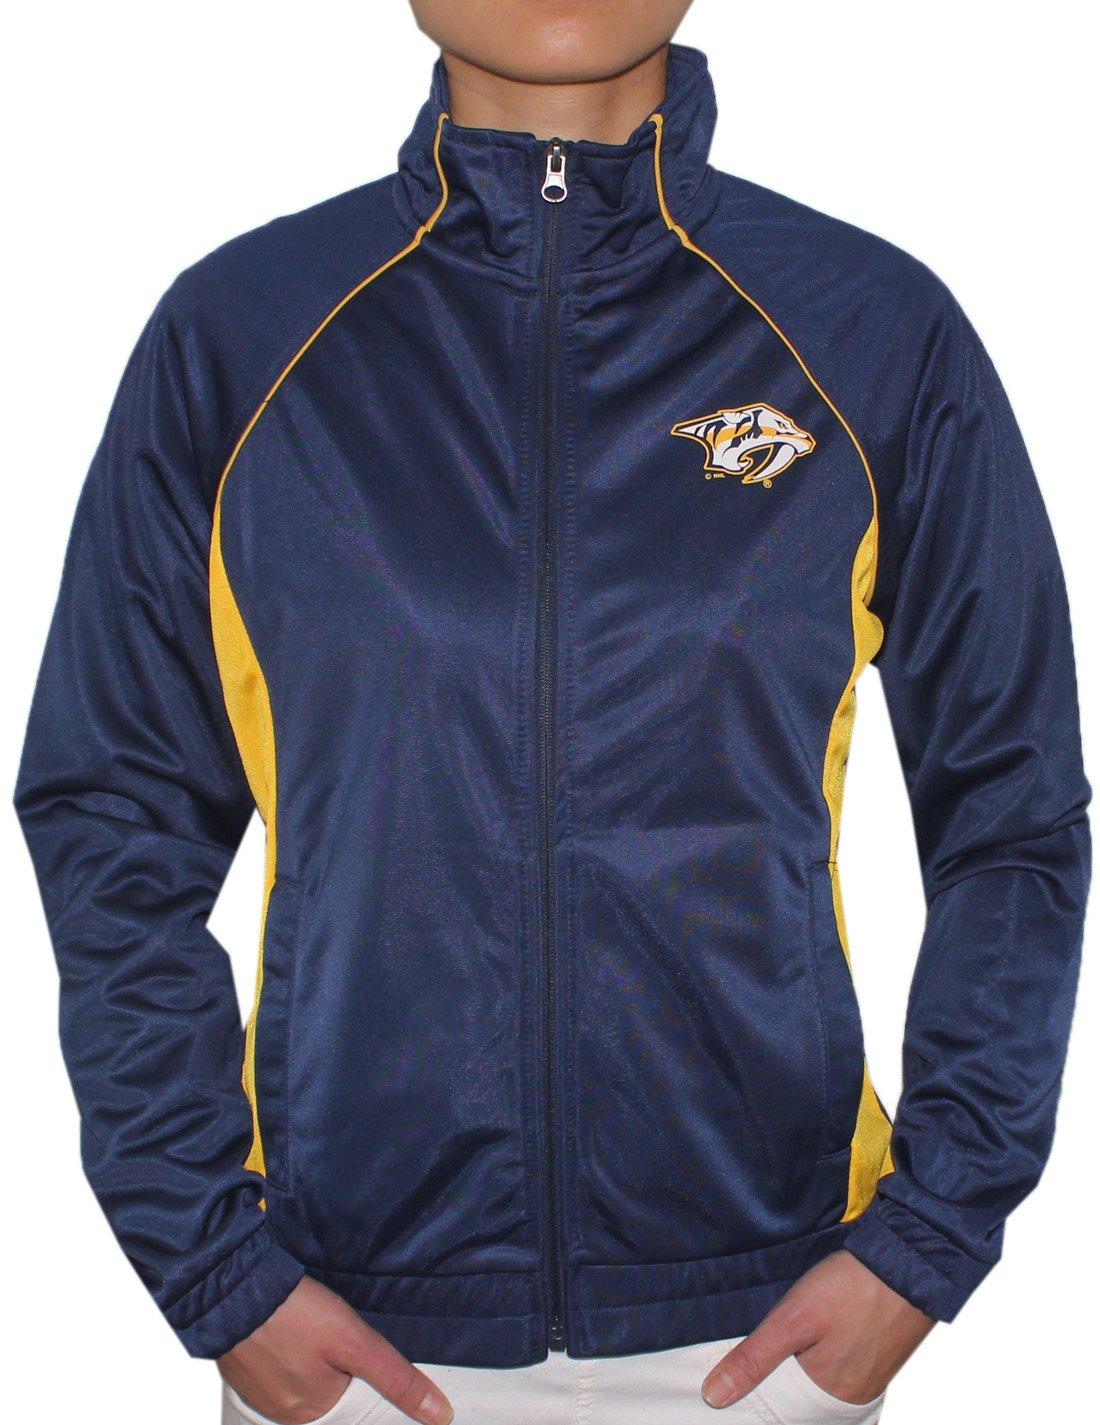 レディースNAS Predators : Athleticジップアップジャケット B075ZFH5WYダークブルー Small